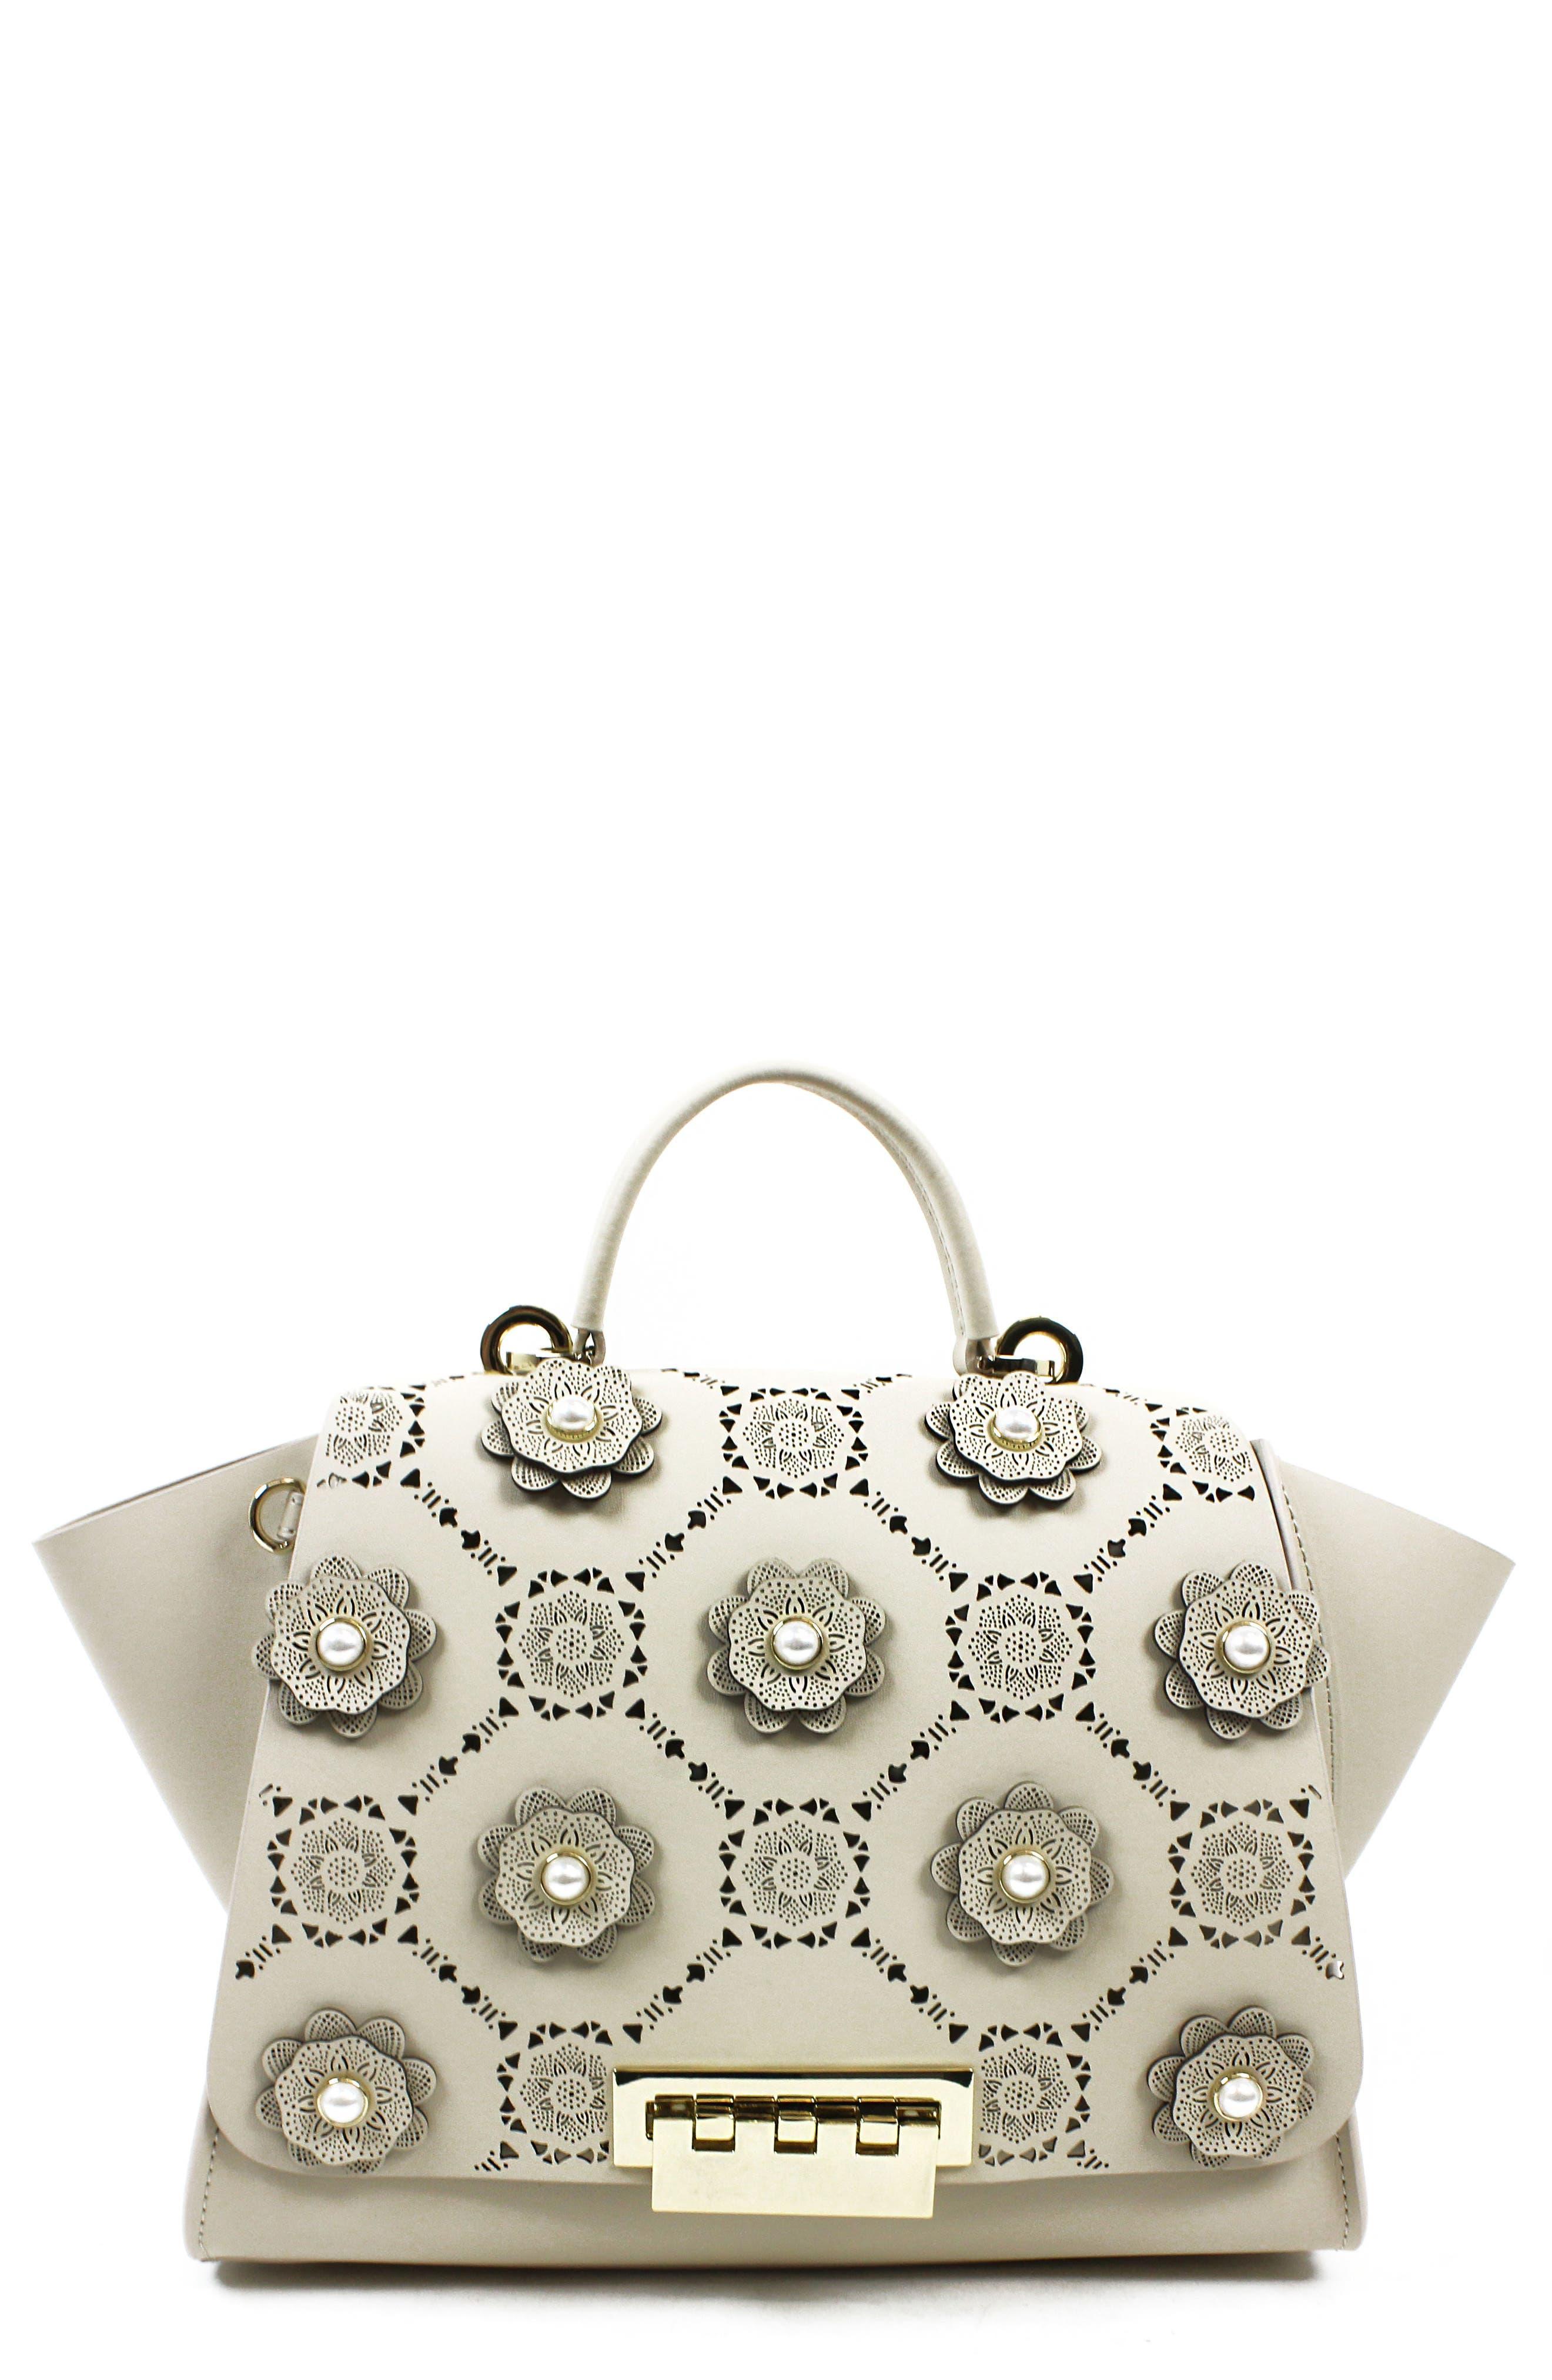 ZAC Zac Posen Eartha Iconic Soft Top Handle Handbag